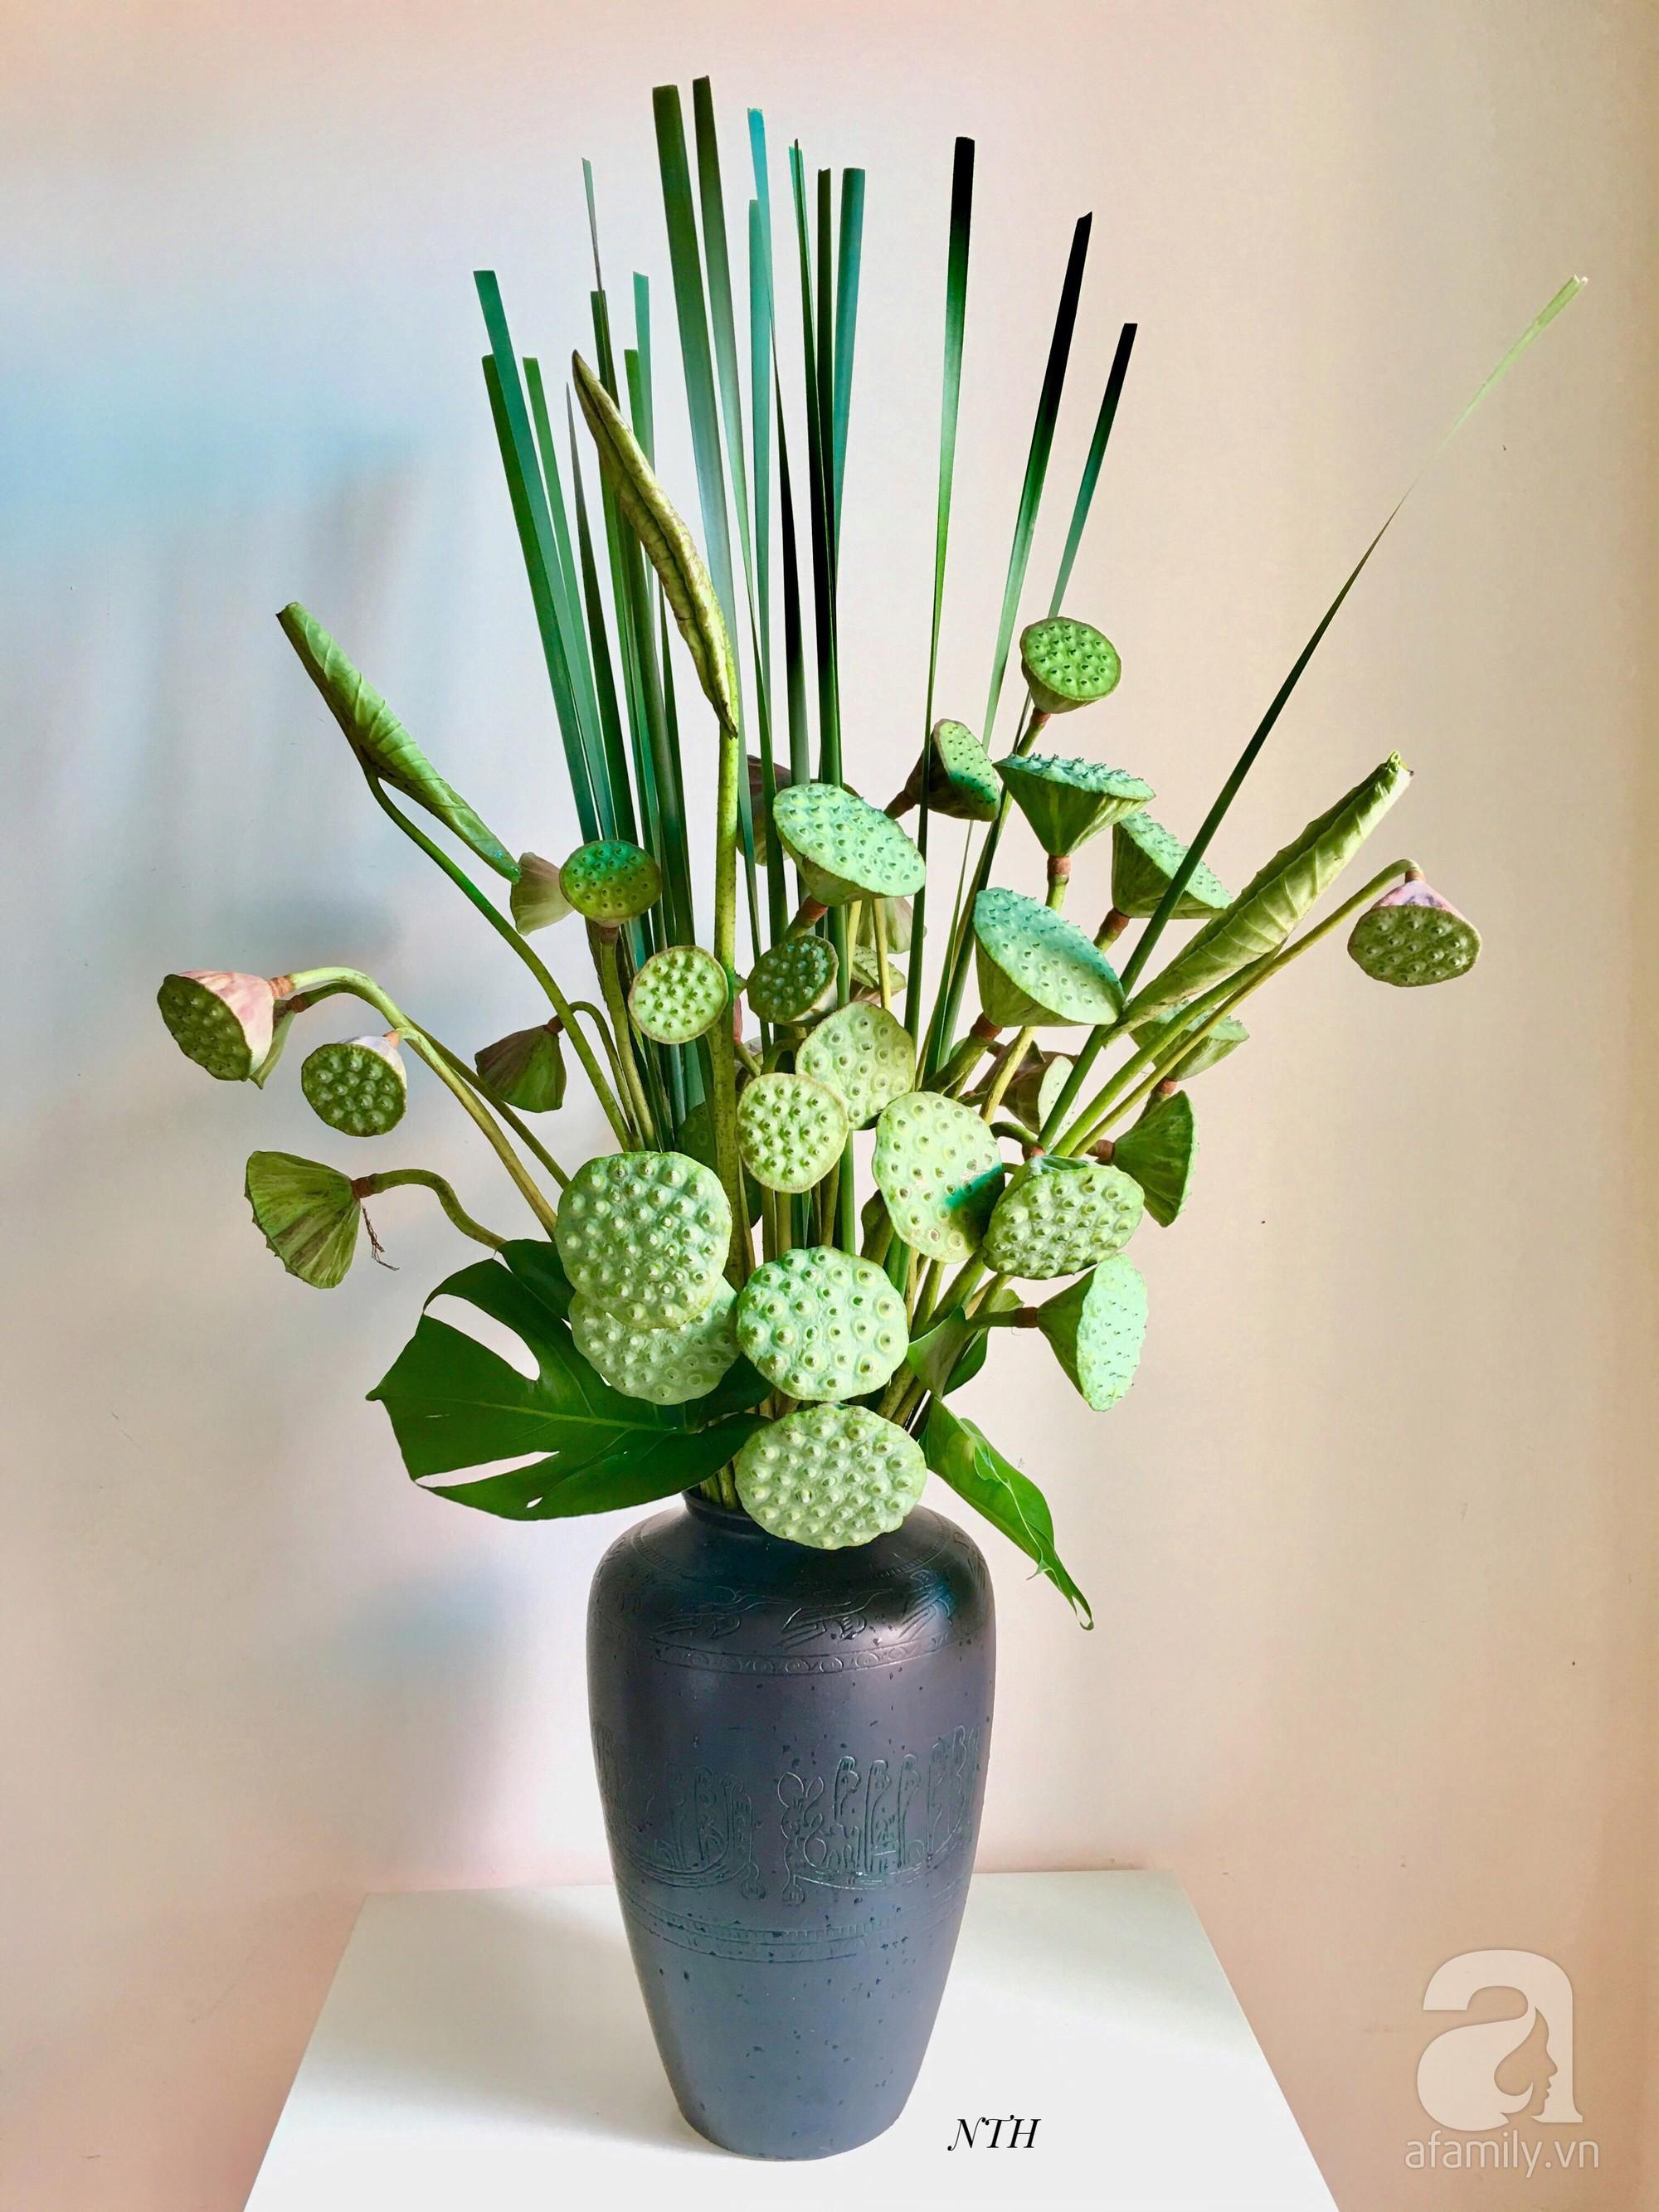 Níu giữ hương mùa hạ với những bình hoa sen đẹp dịu dàng trong tổ ấm của 3 người phụ nữ đảm tại Hà Nội - Hình 32